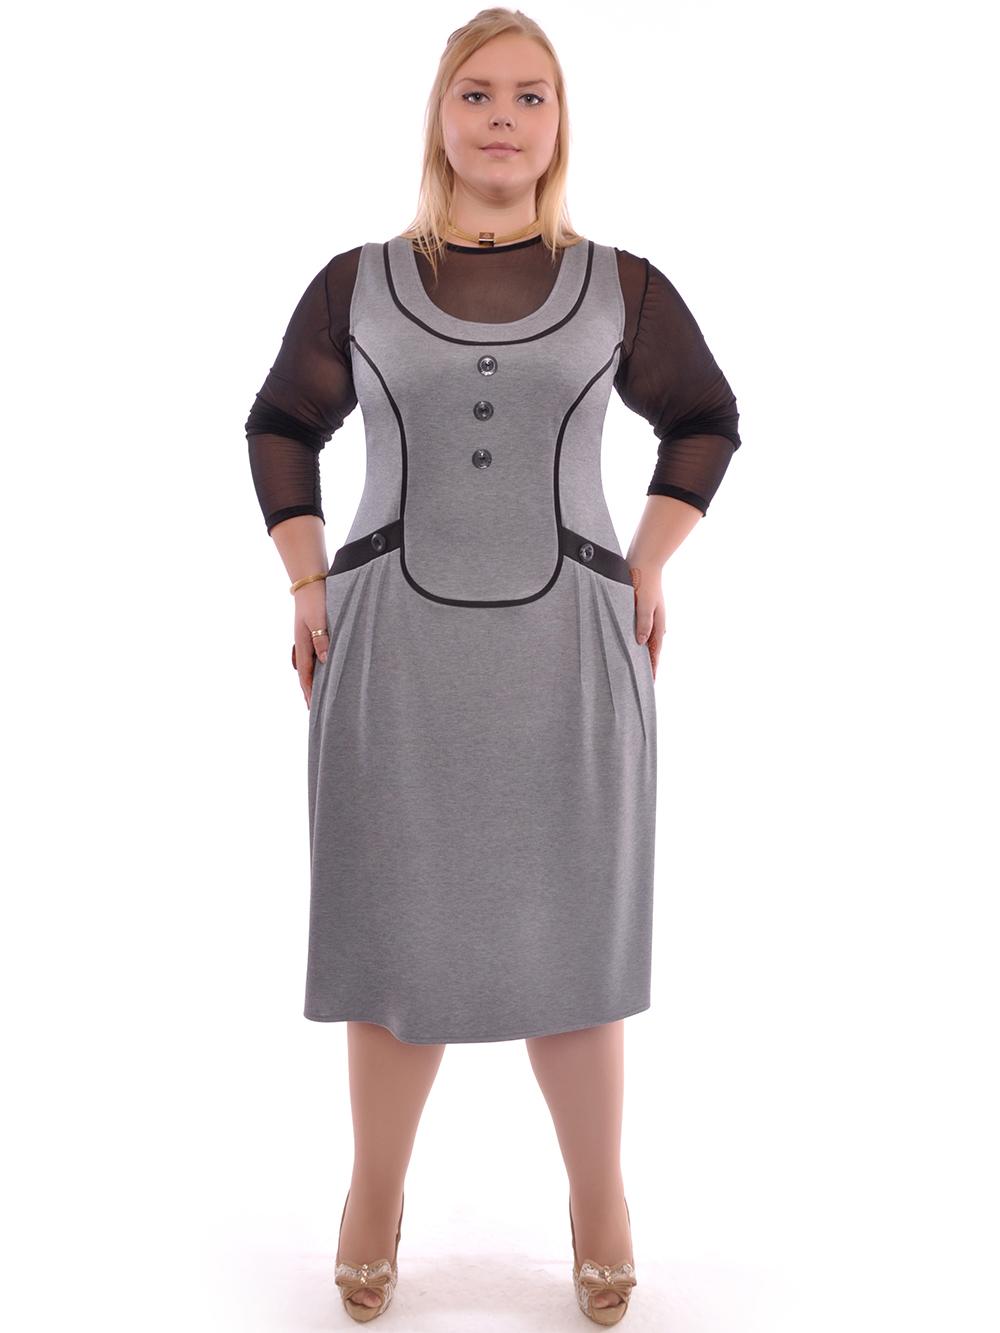 Женская Одежда Больших Размеров Сургут